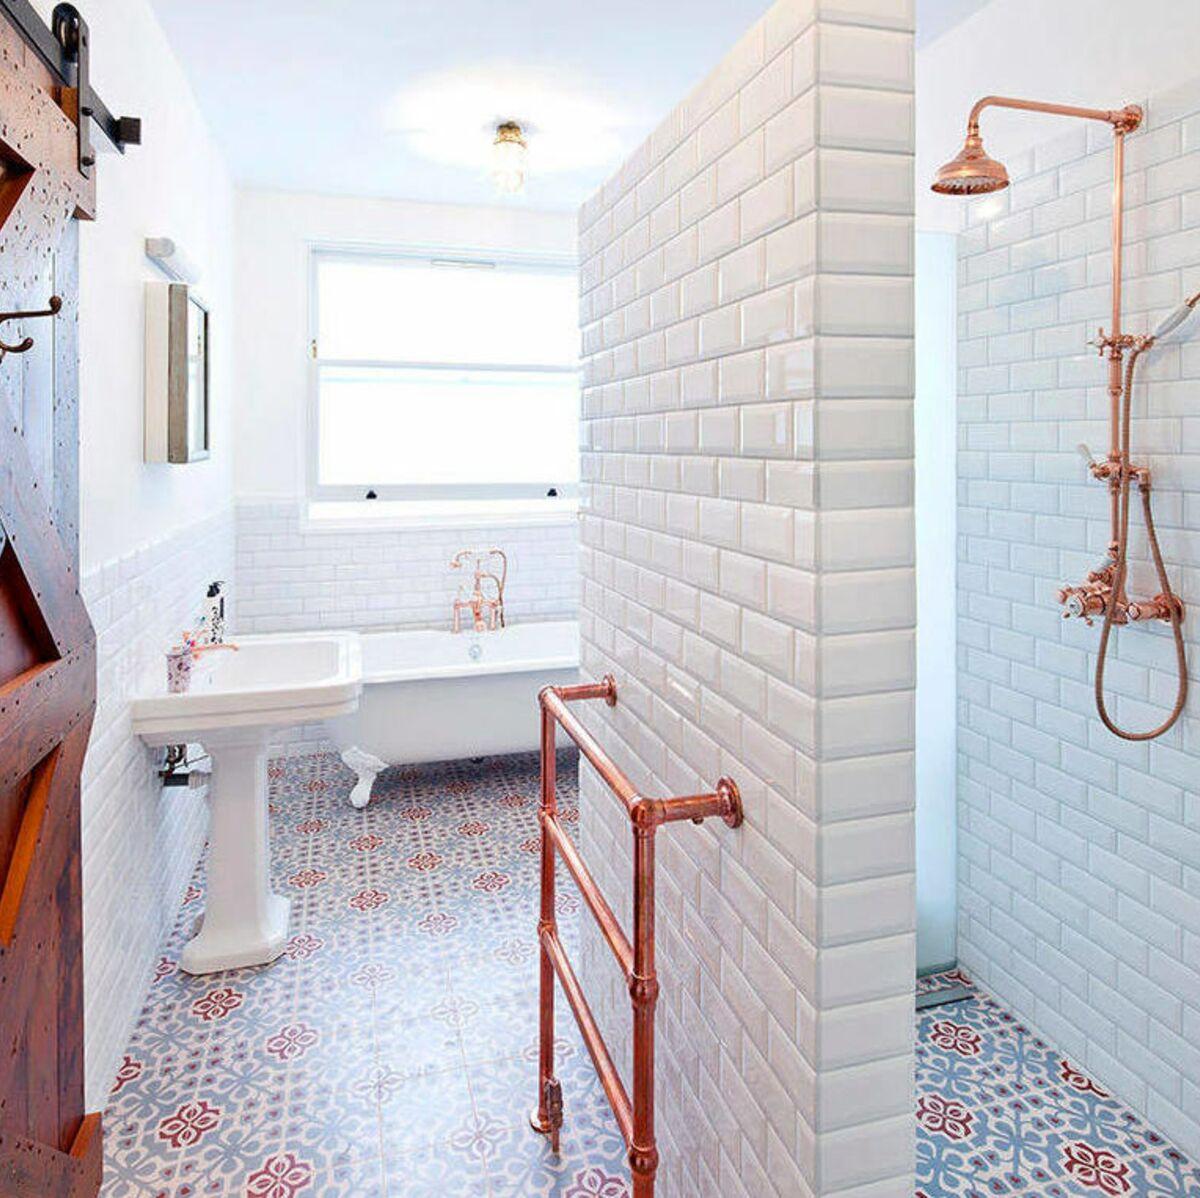 Salle De Bain Et Salle D Eau Différence 12 questions à se poser avant de carreler une salle de bains